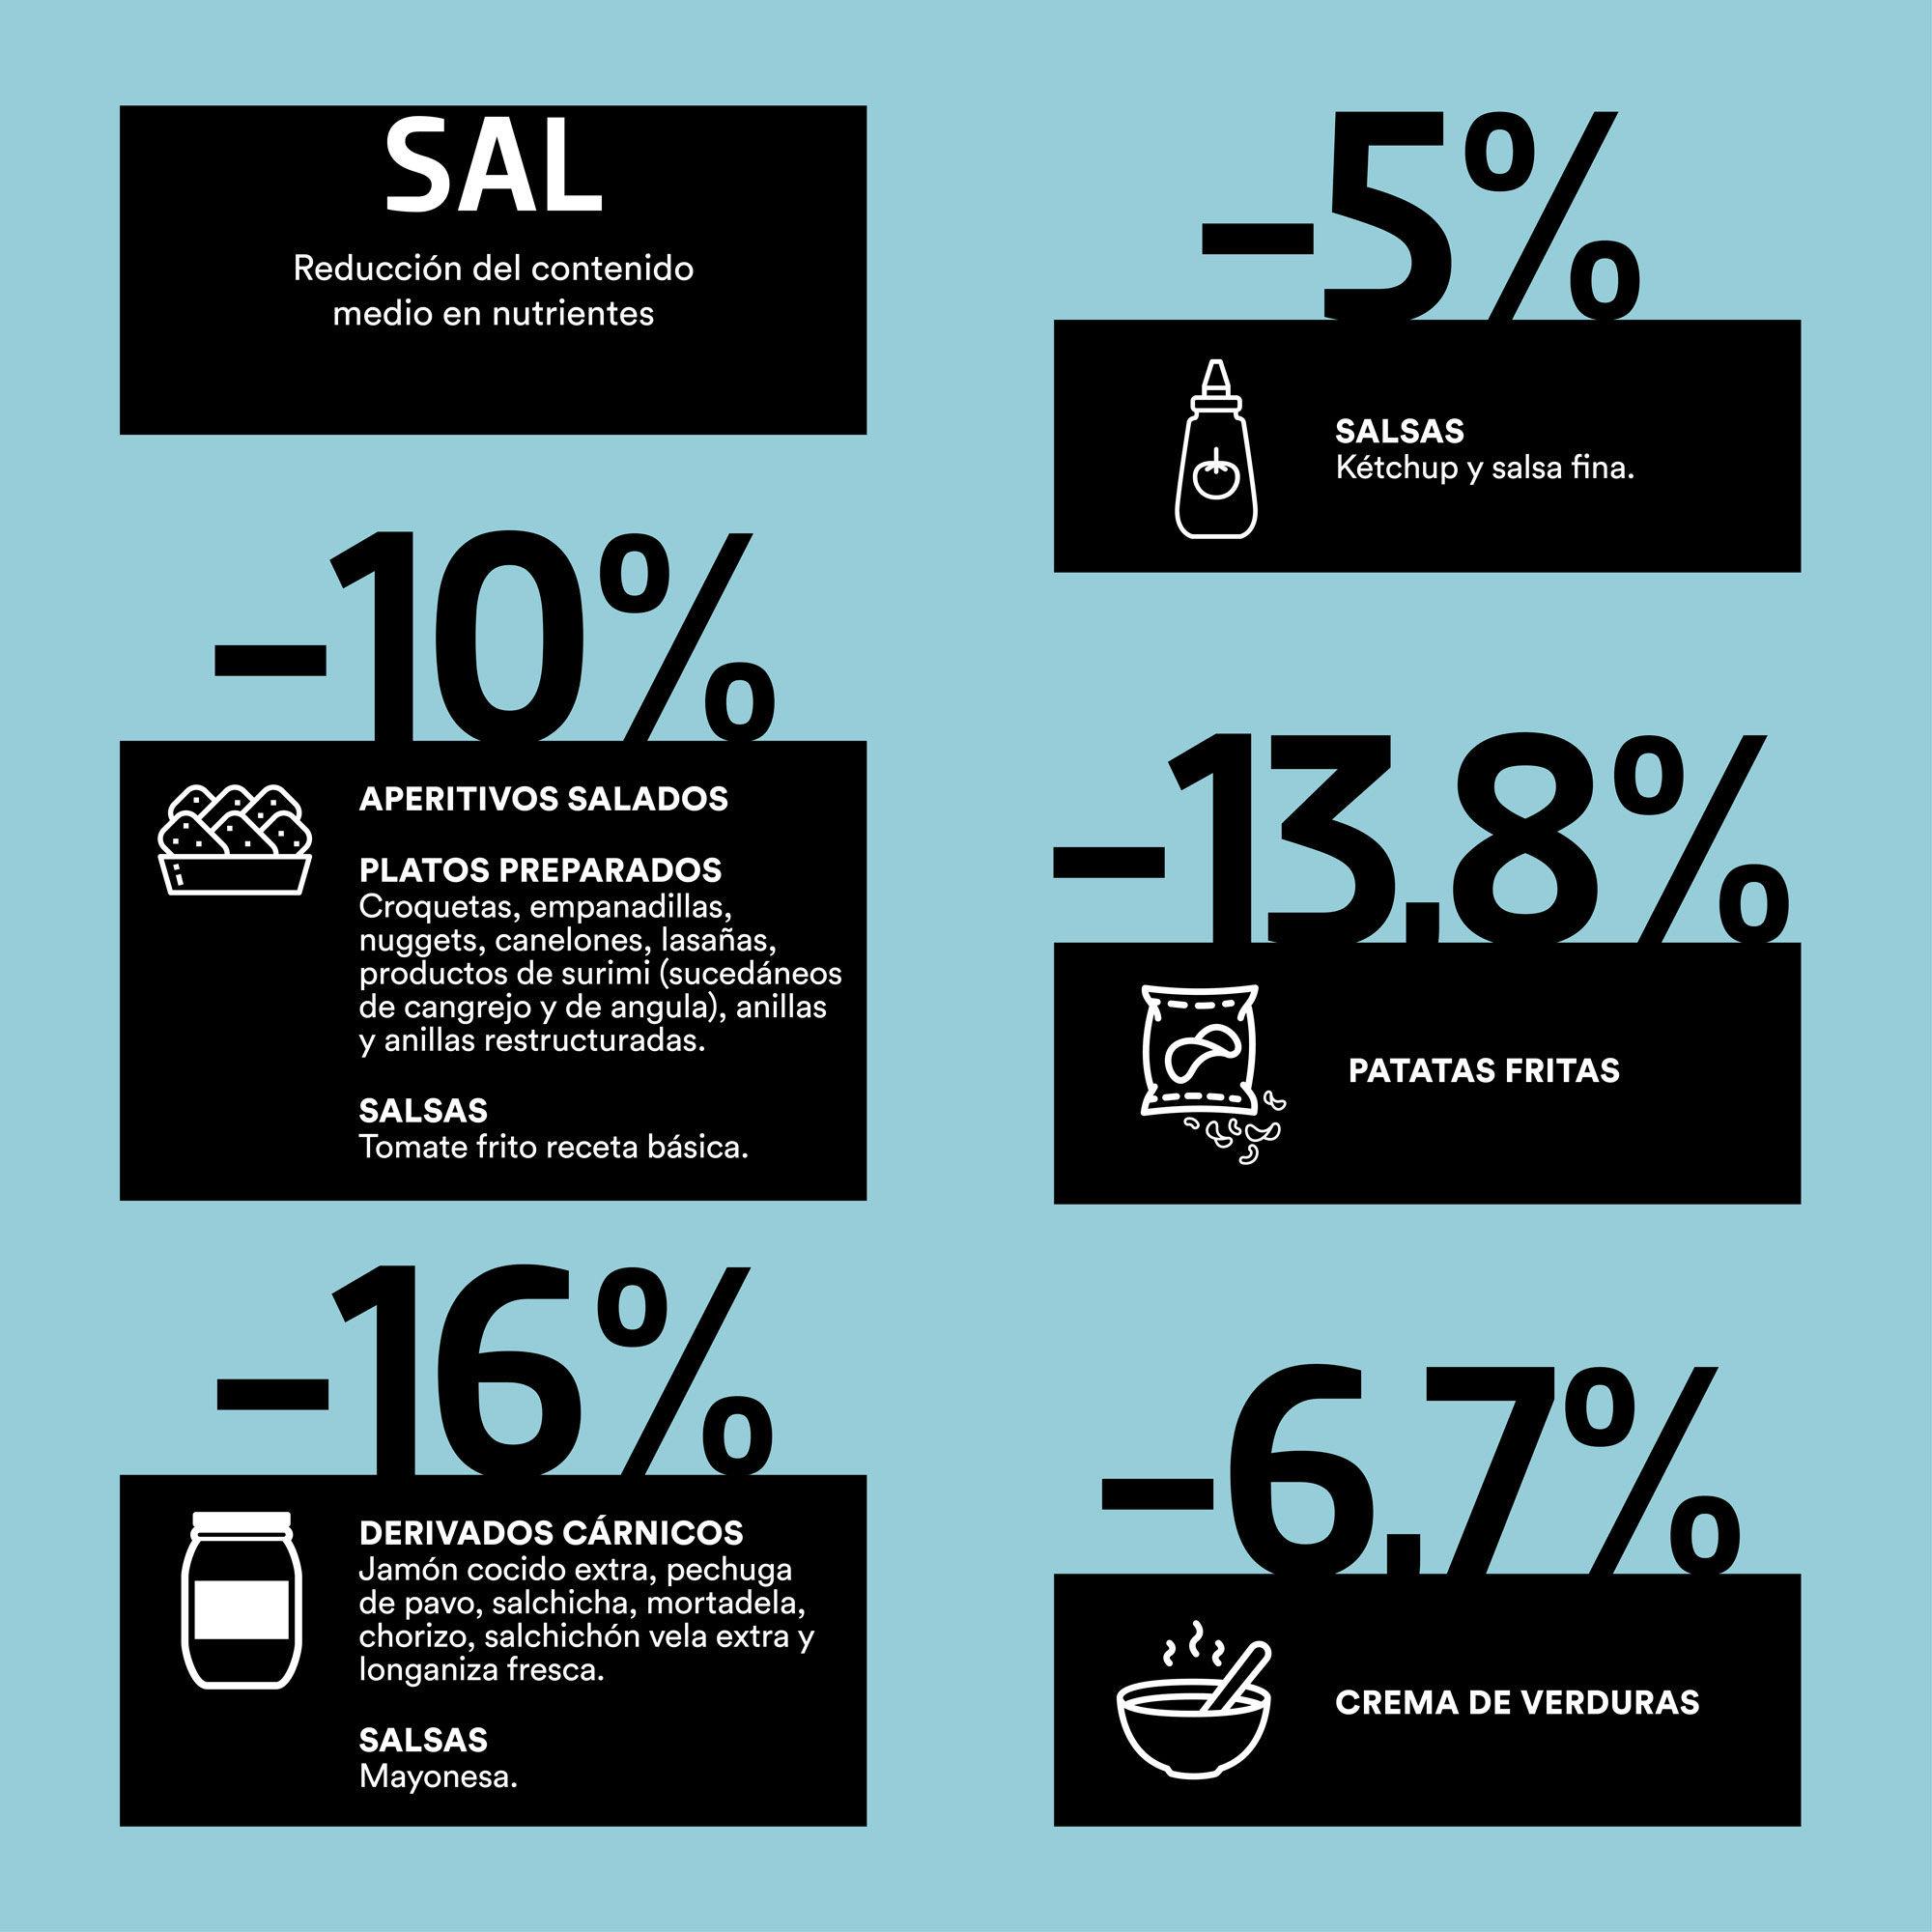 Img grafico reducc sal